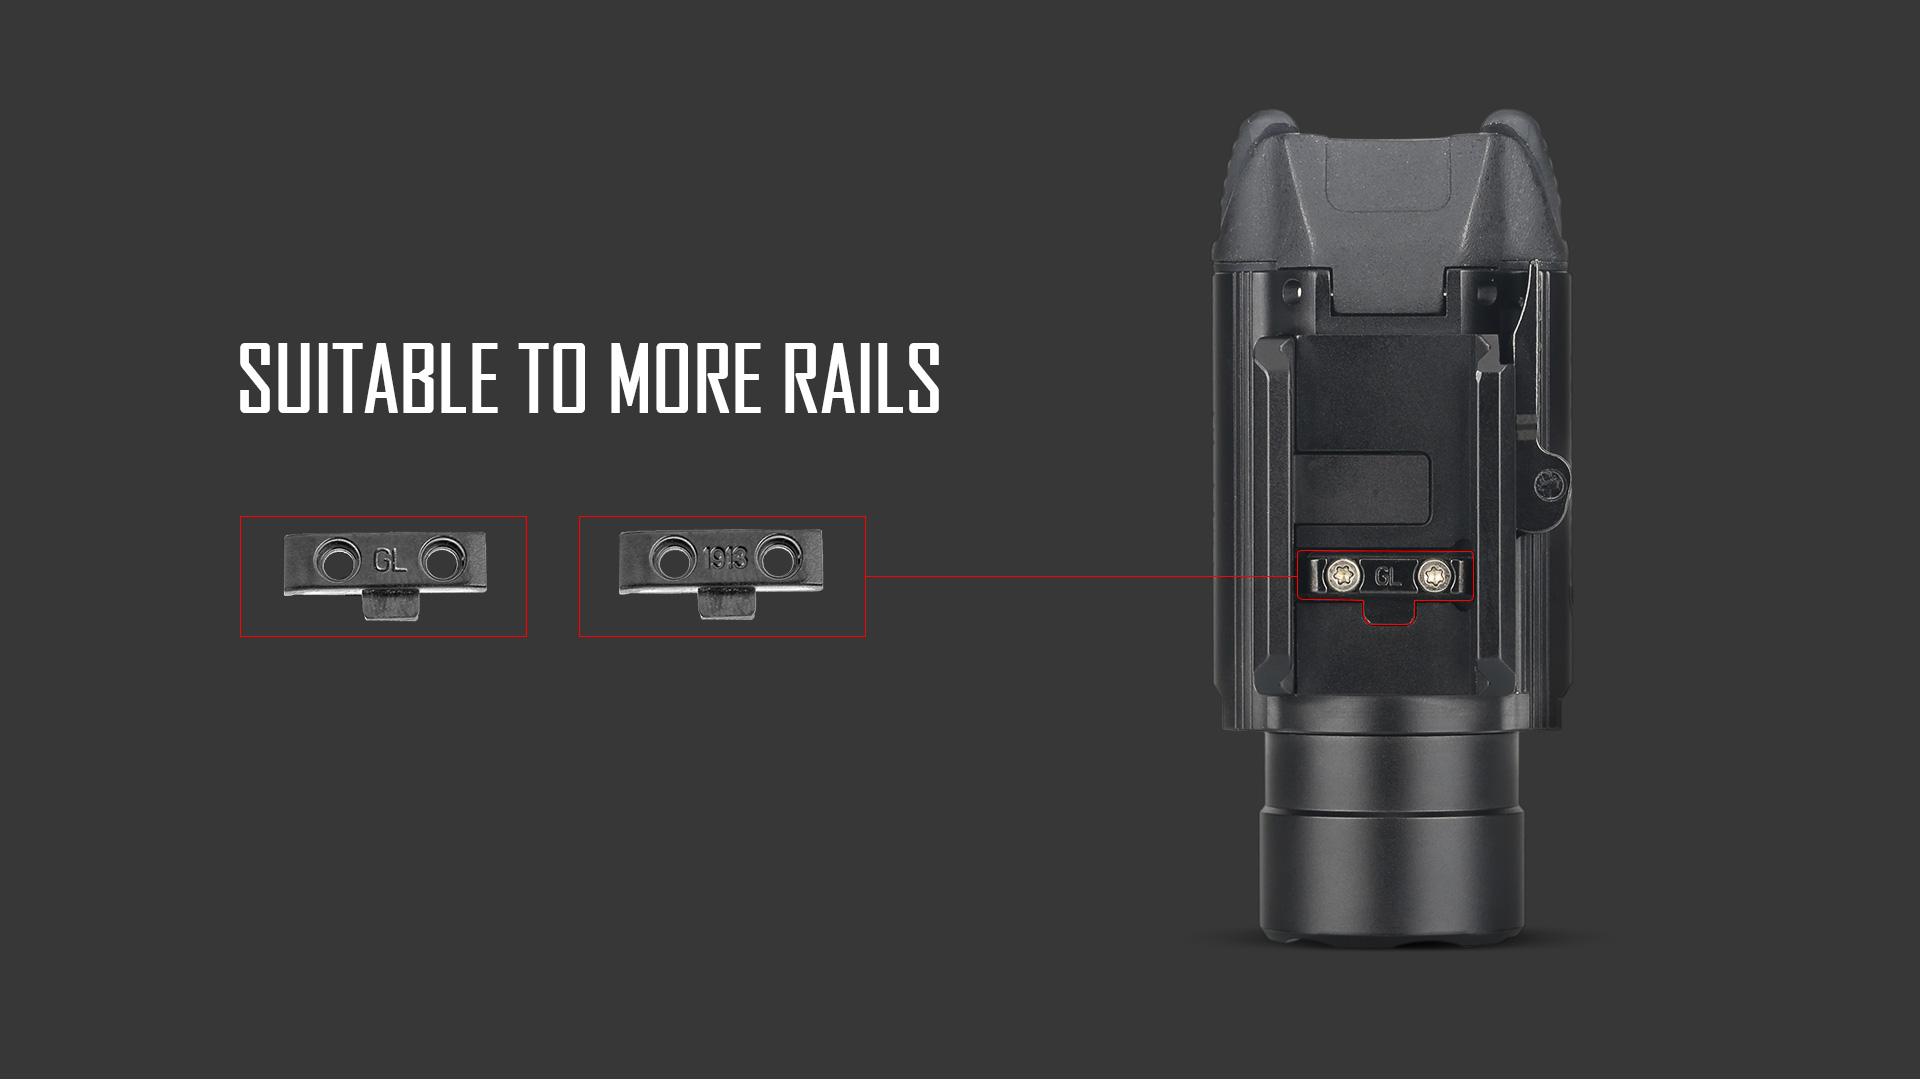 PL-Pro tactical rail light cross-compatibility